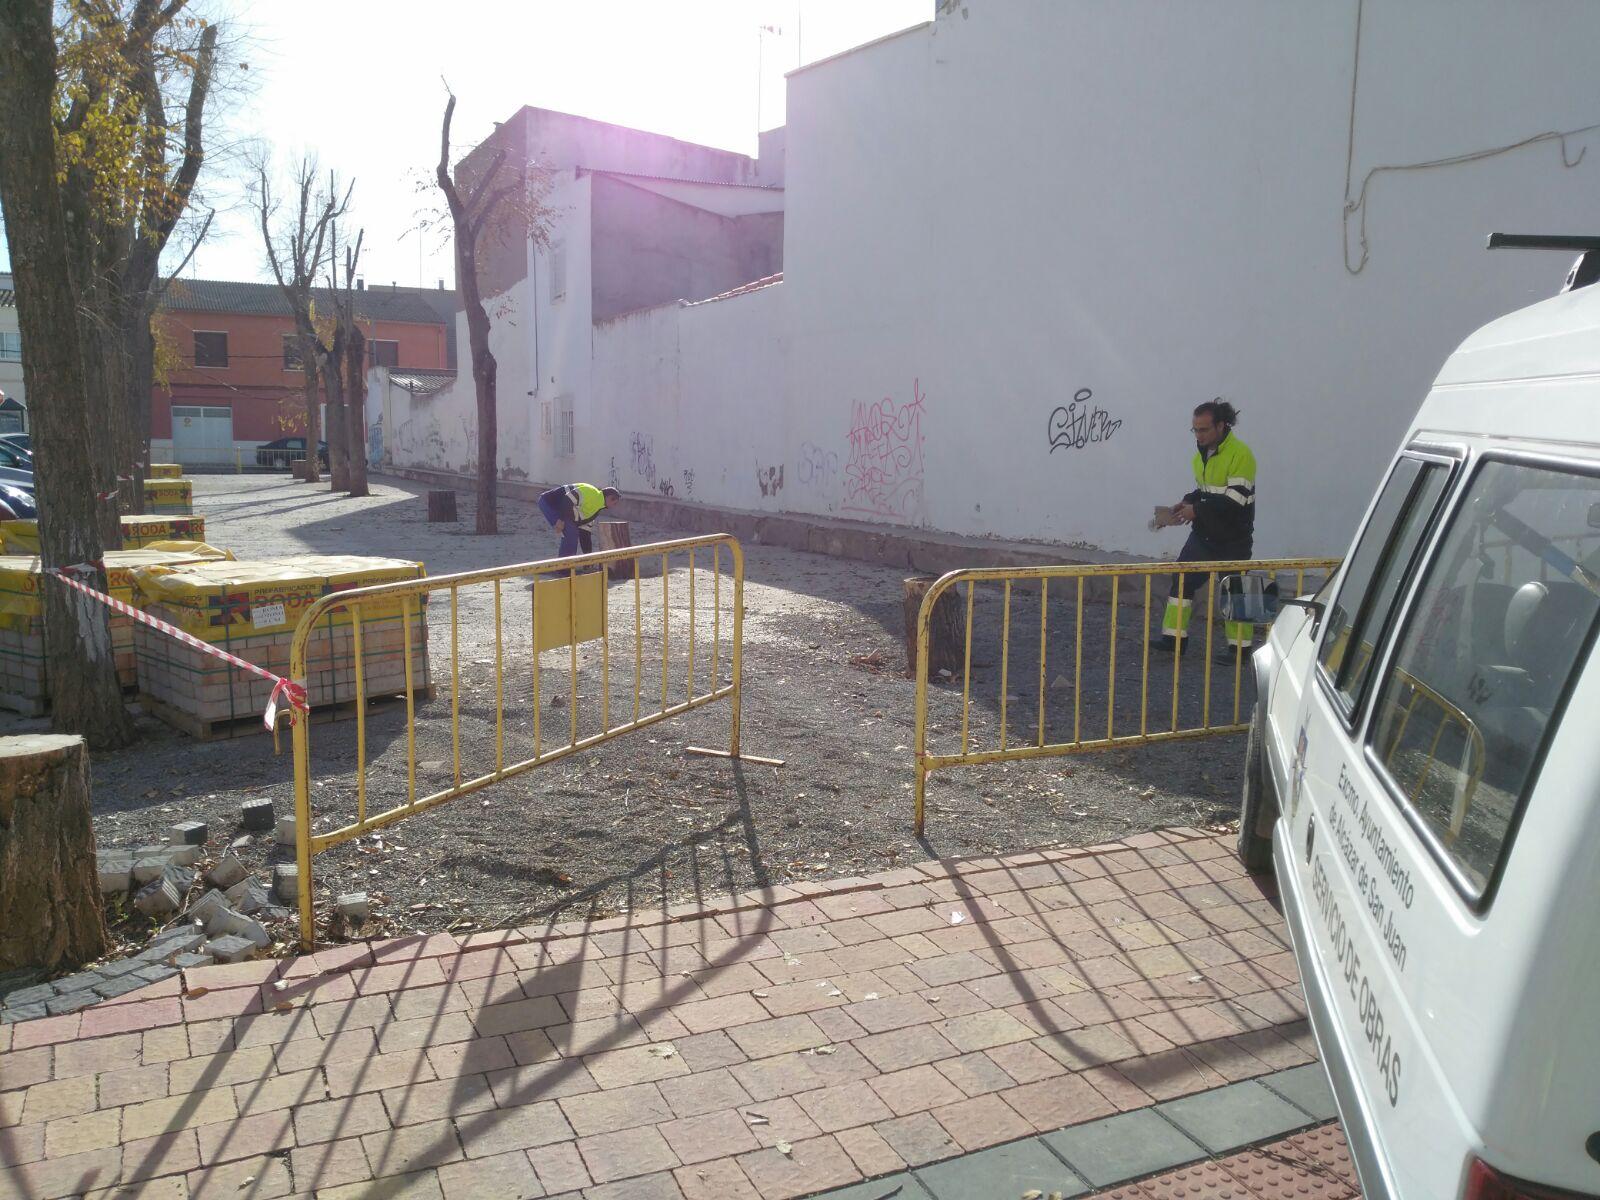 El ayuntamiento comienza las obras de accesibilidad y pavimentación en el parque del Grupo Renfe